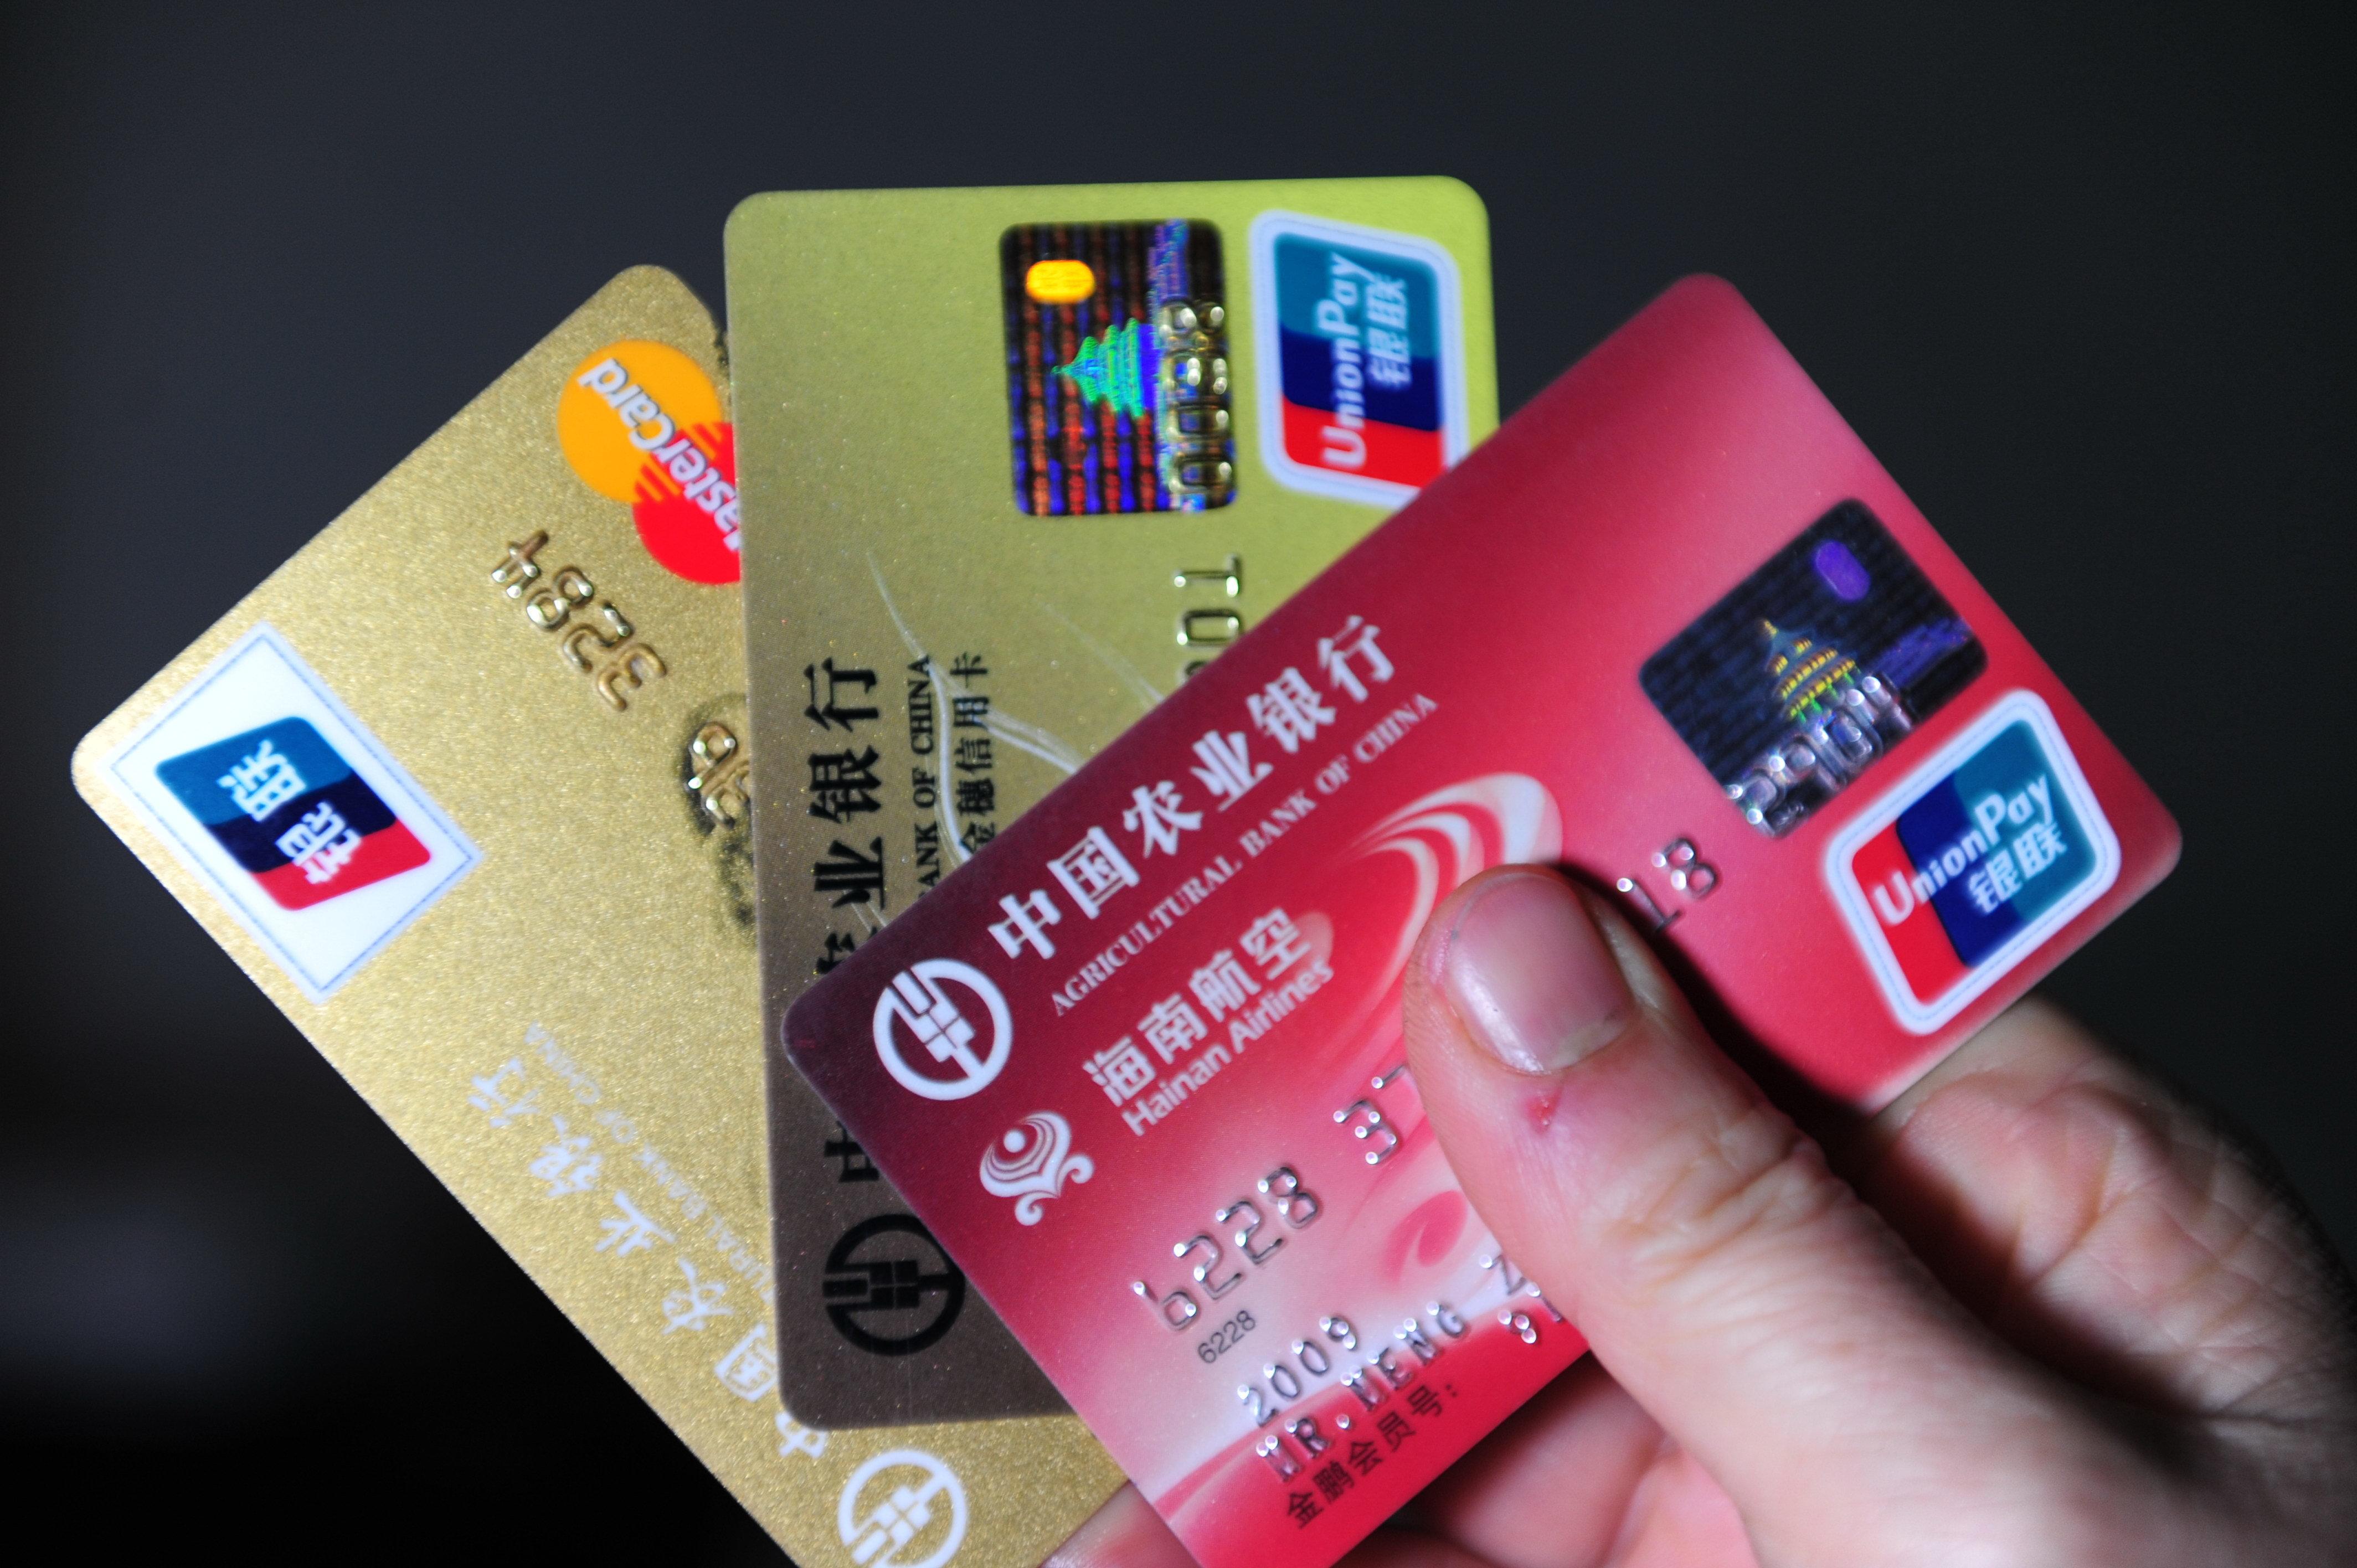 信用卡新手玩家最值的办的3张入门白金卡!